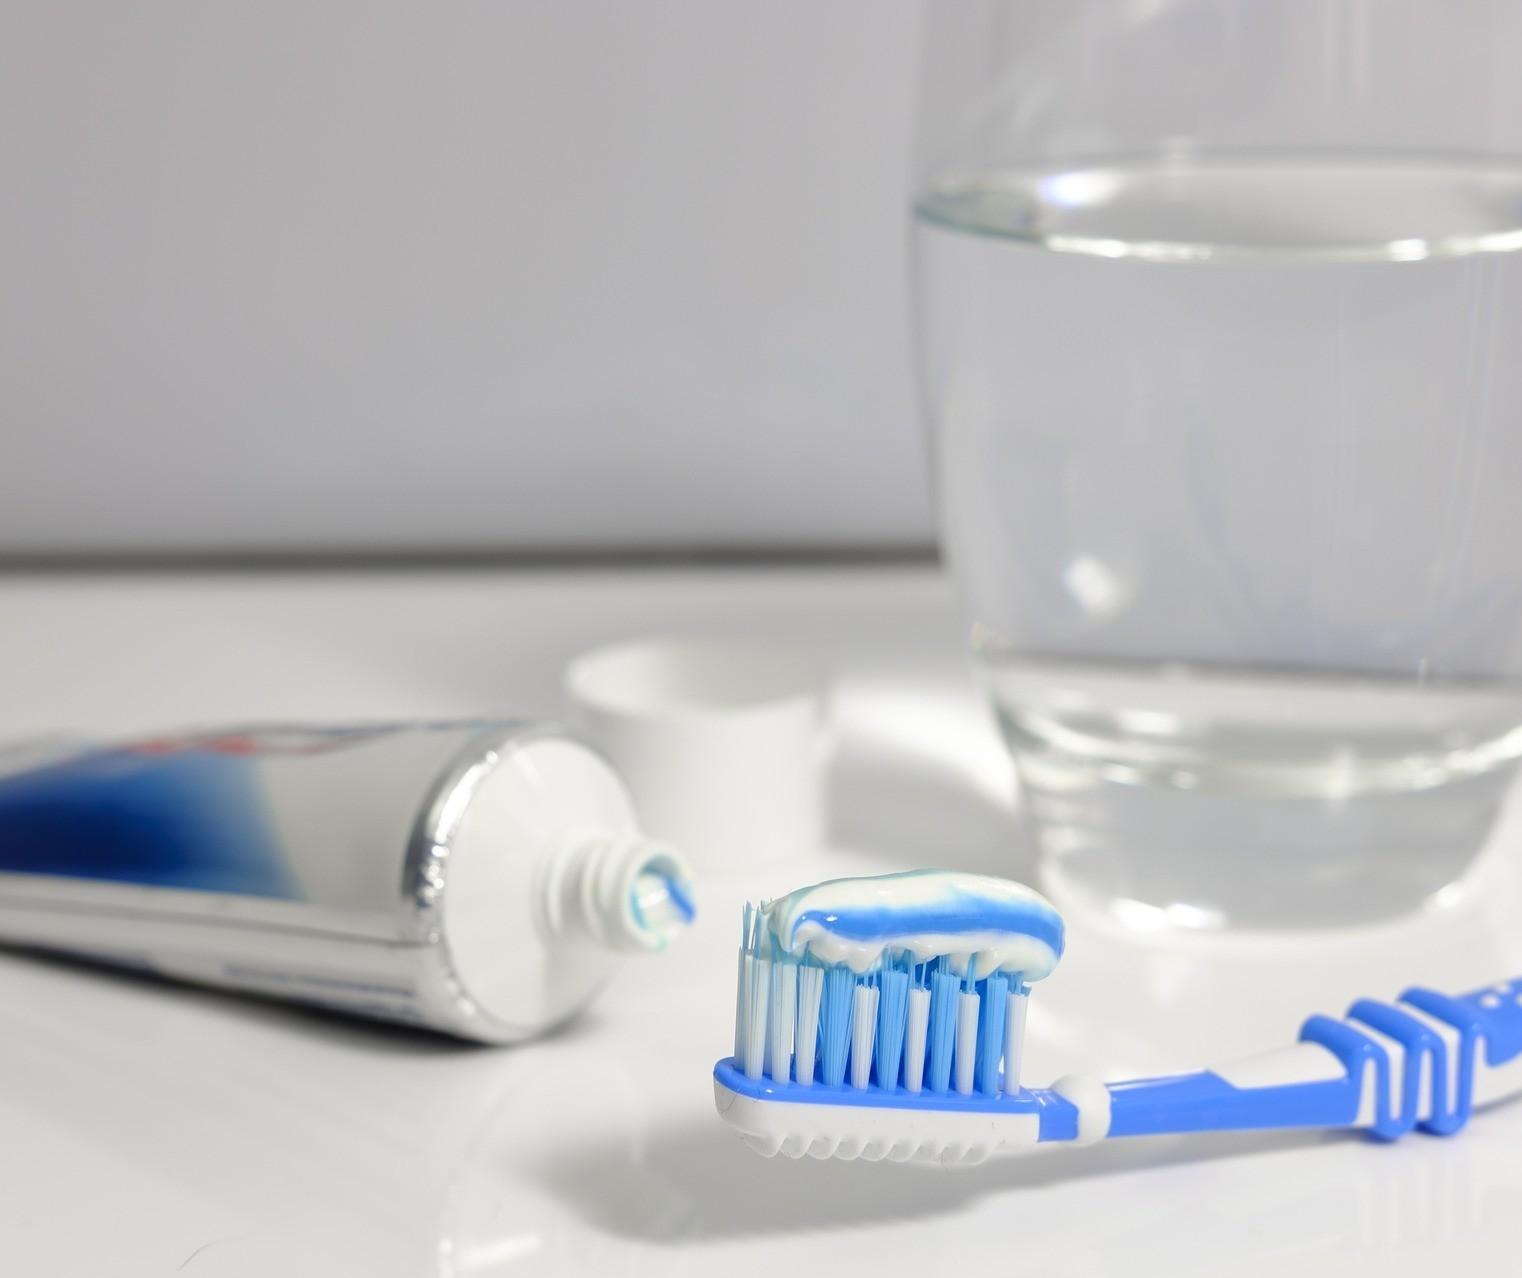 Pessoas do grupo de risco devem ter cuidado redobrado com a higiene bucal